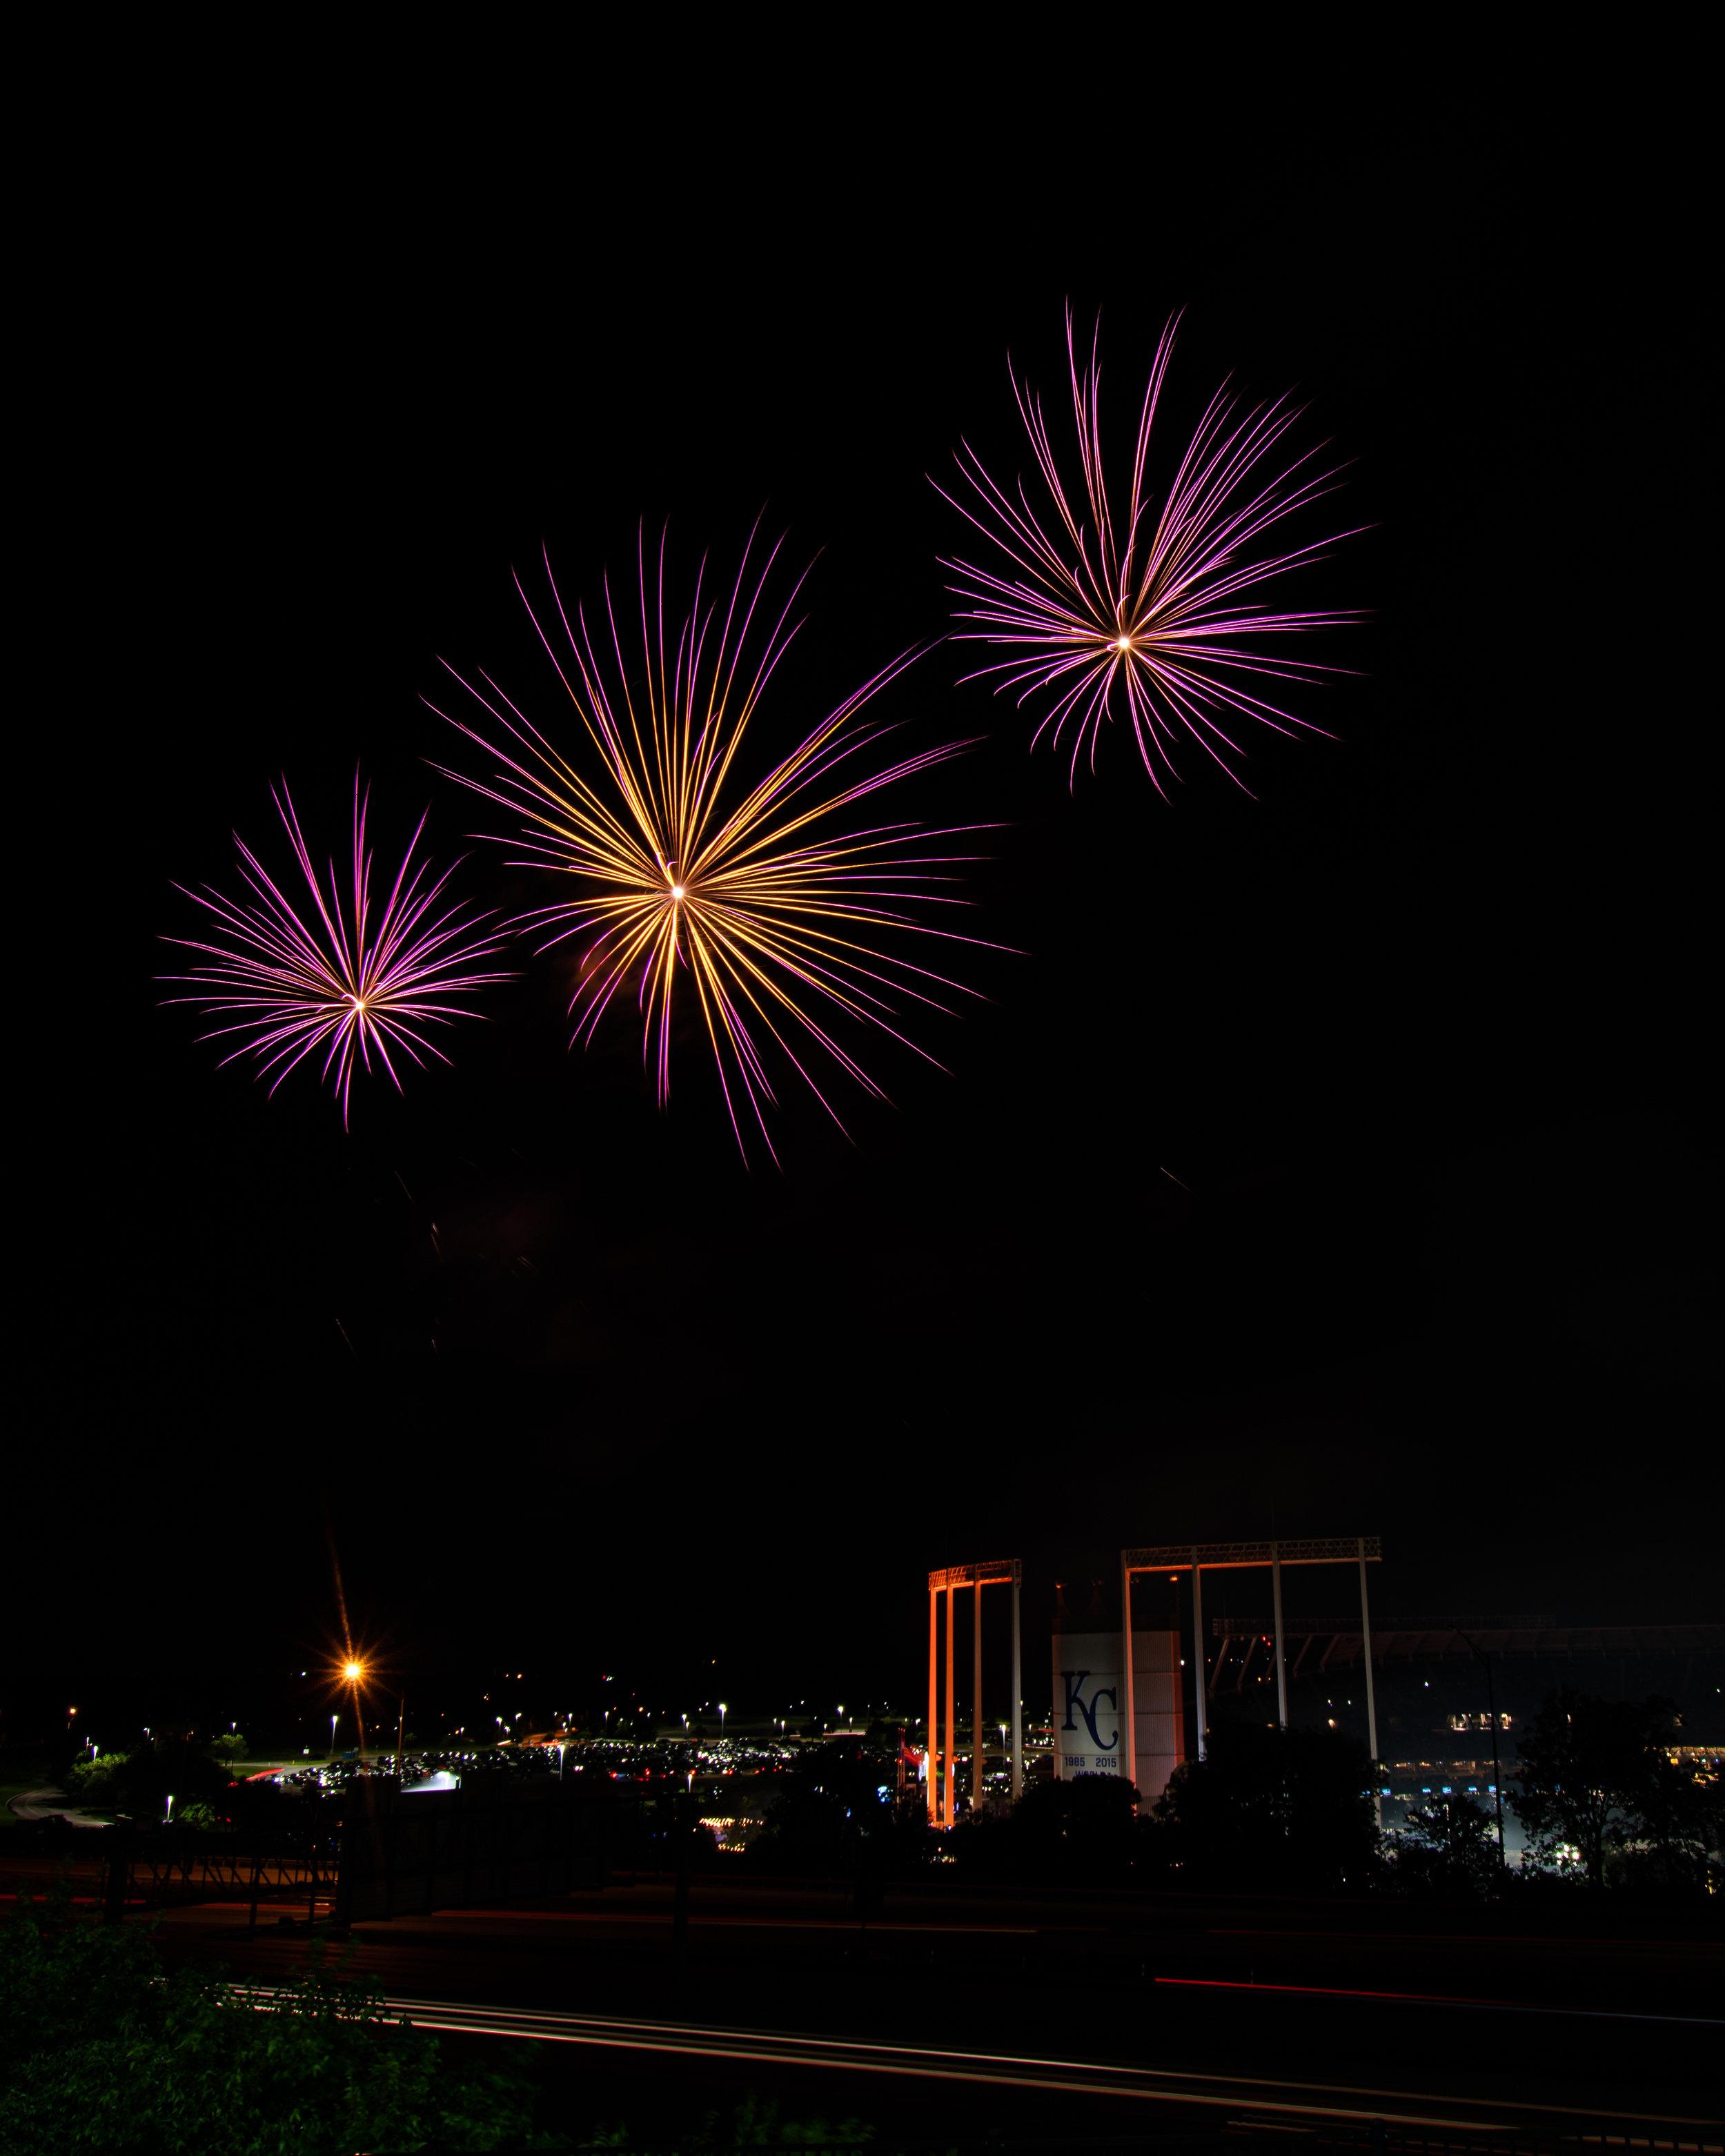 firework-friday-12-of-51_48108278616_o.jpg